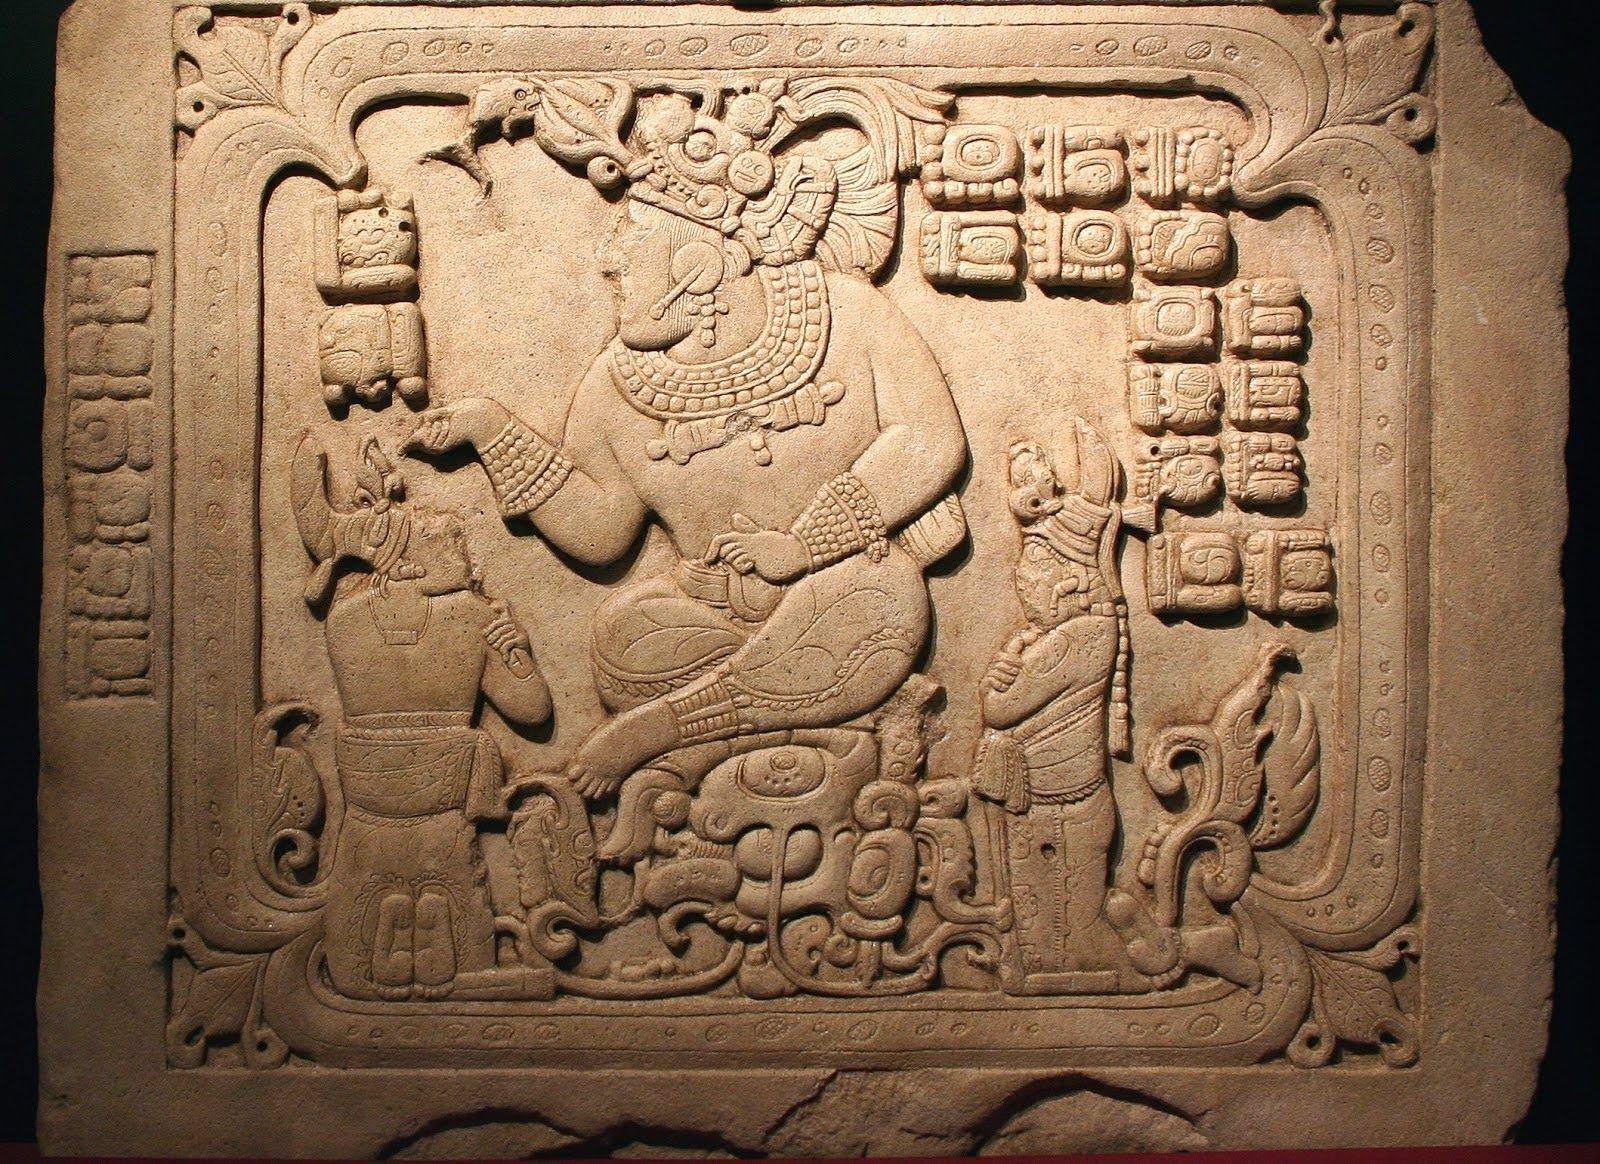 Aztecs Documented Ancient Giants, Videos Descriptions of ...